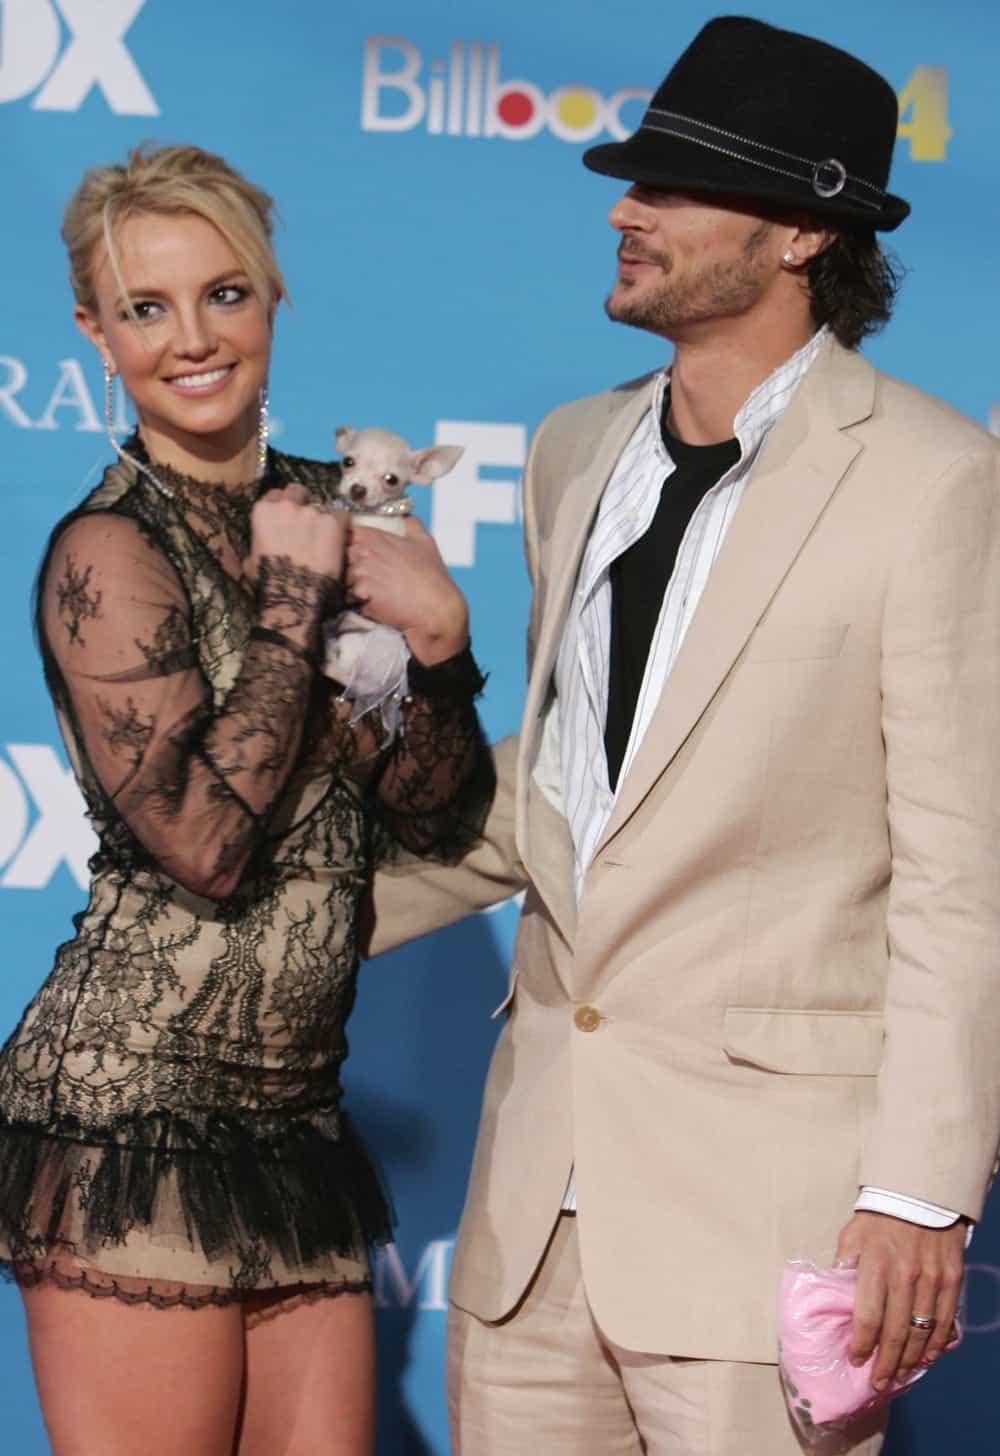 Britney Spears and Kevin Federline 2004 Billboard Music Awards - Arrivals